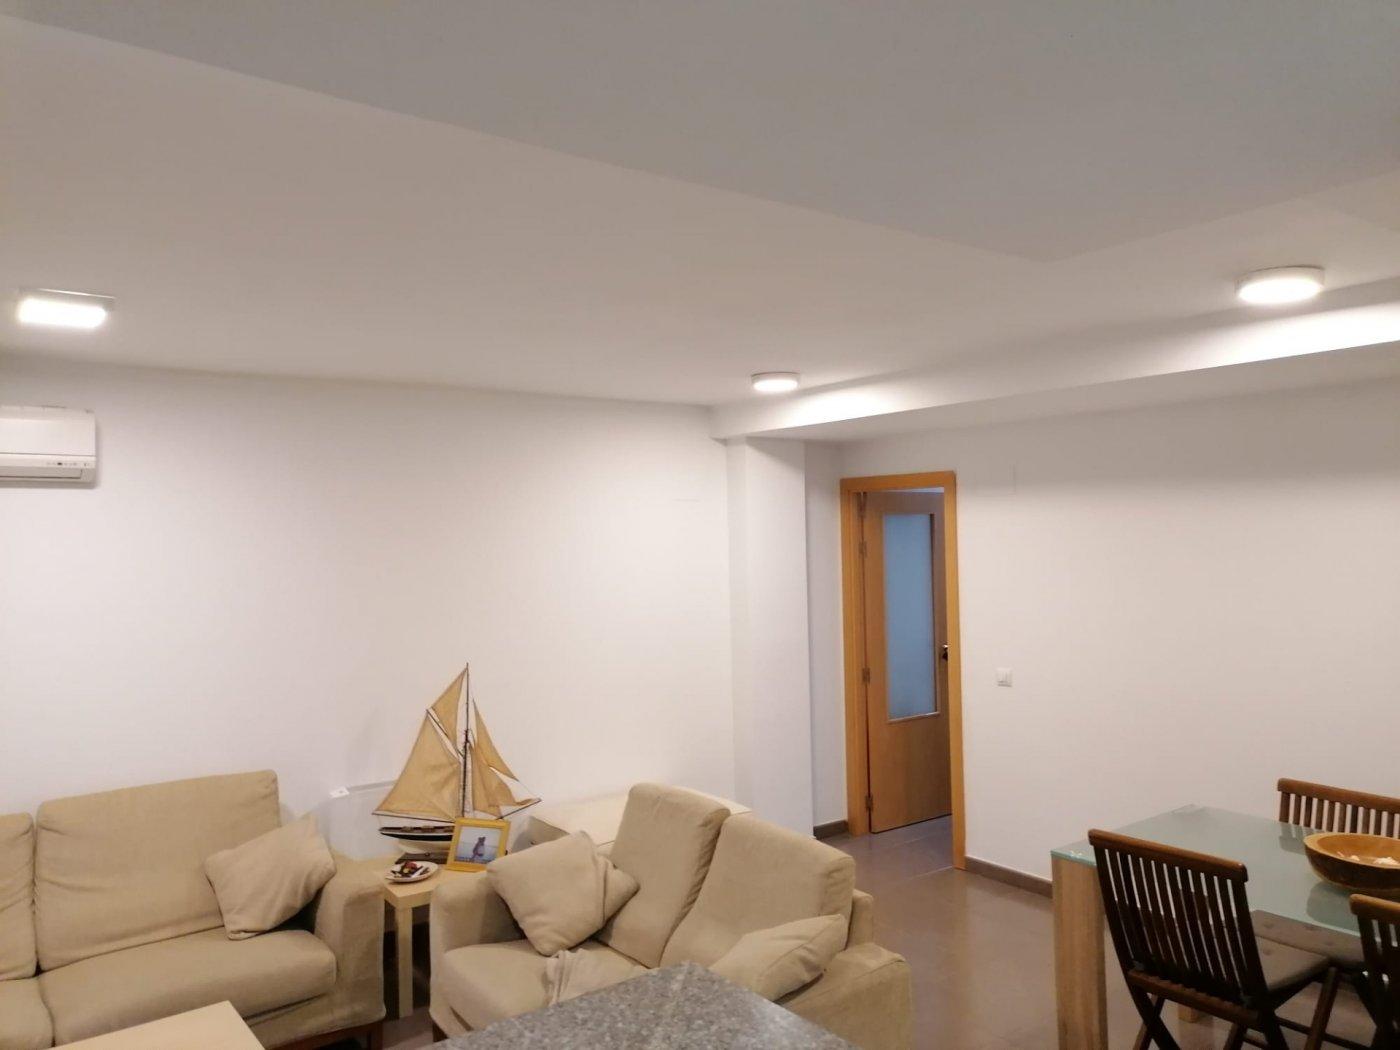 Fantástico apartamento en peñíscola 1 hab - imagenInmueble11